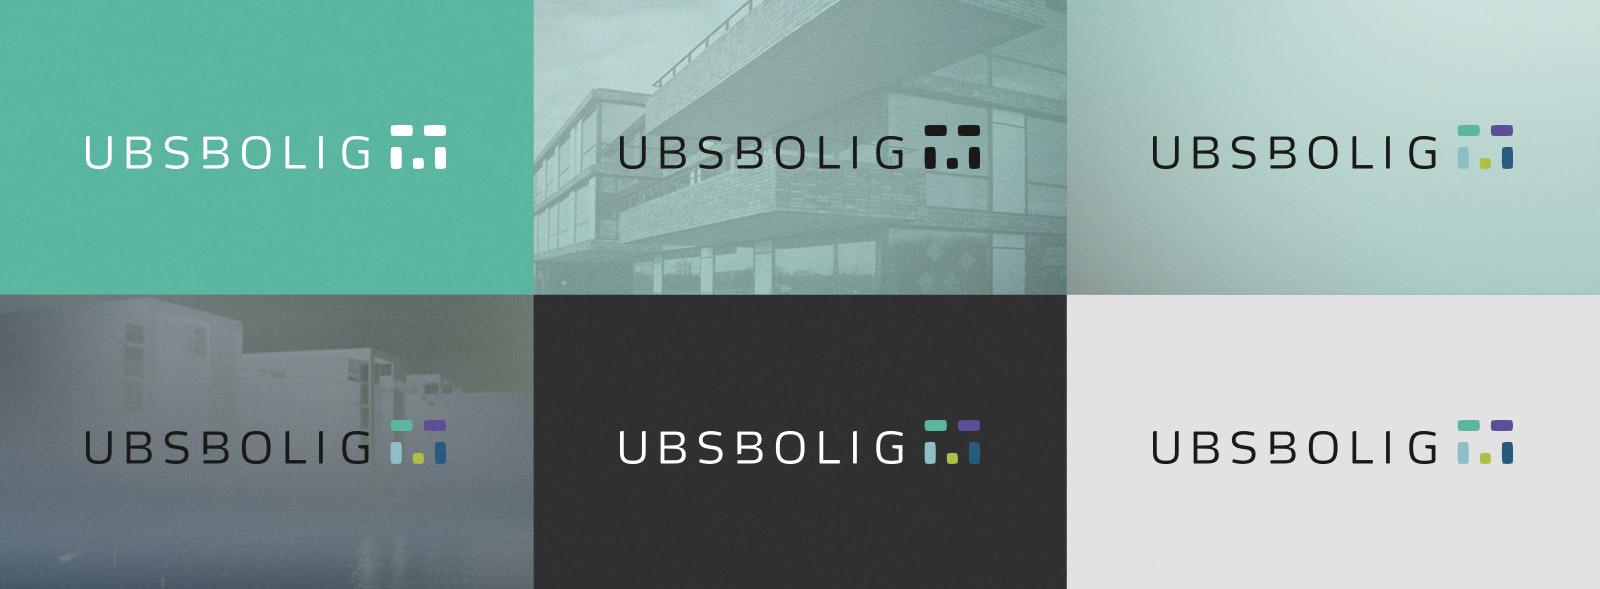 UBSBOLIG - Varianter af logo